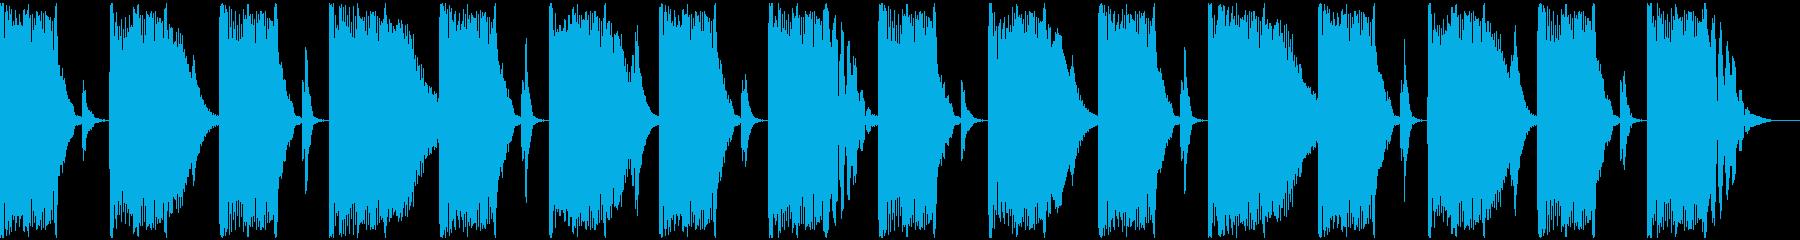 【エレクトロニカ】ロング2、ショート5の再生済みの波形